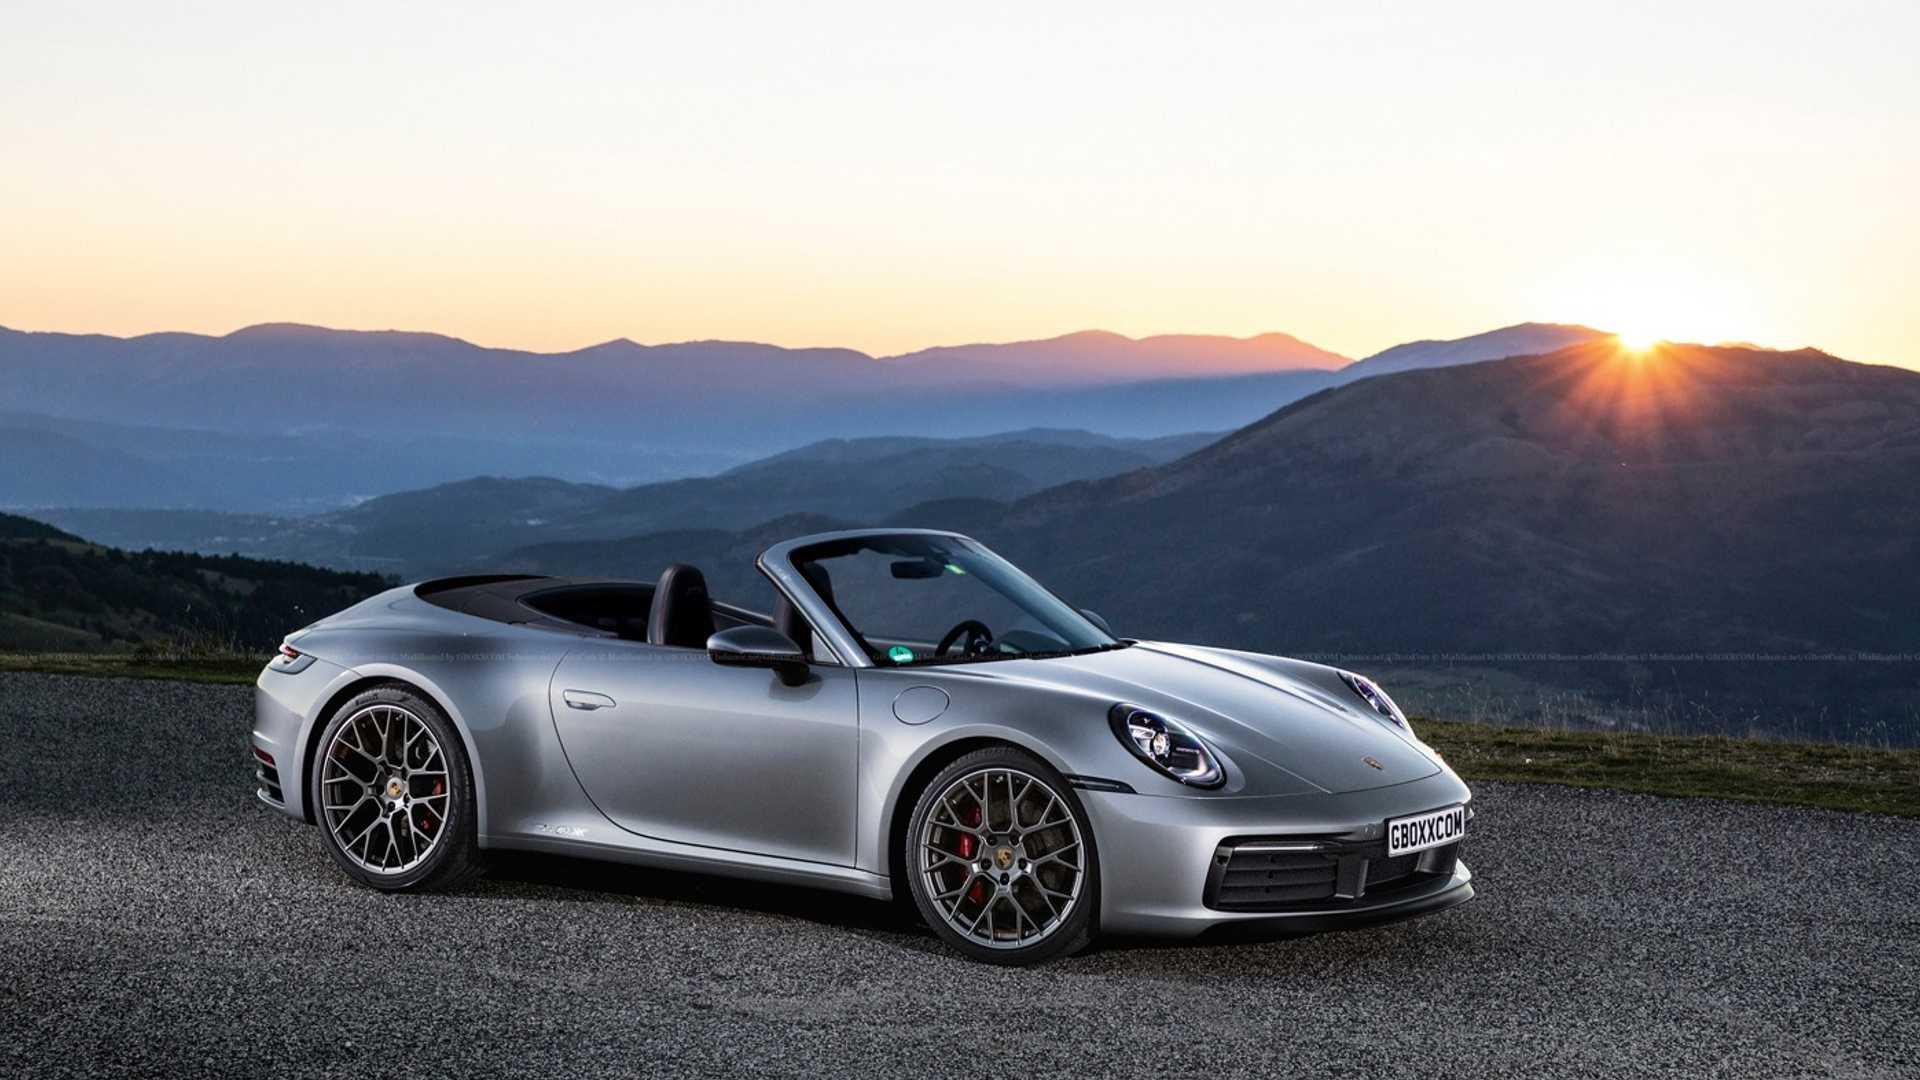 47 The 2020 Porsche Speedster New Review for 2020 Porsche Speedster